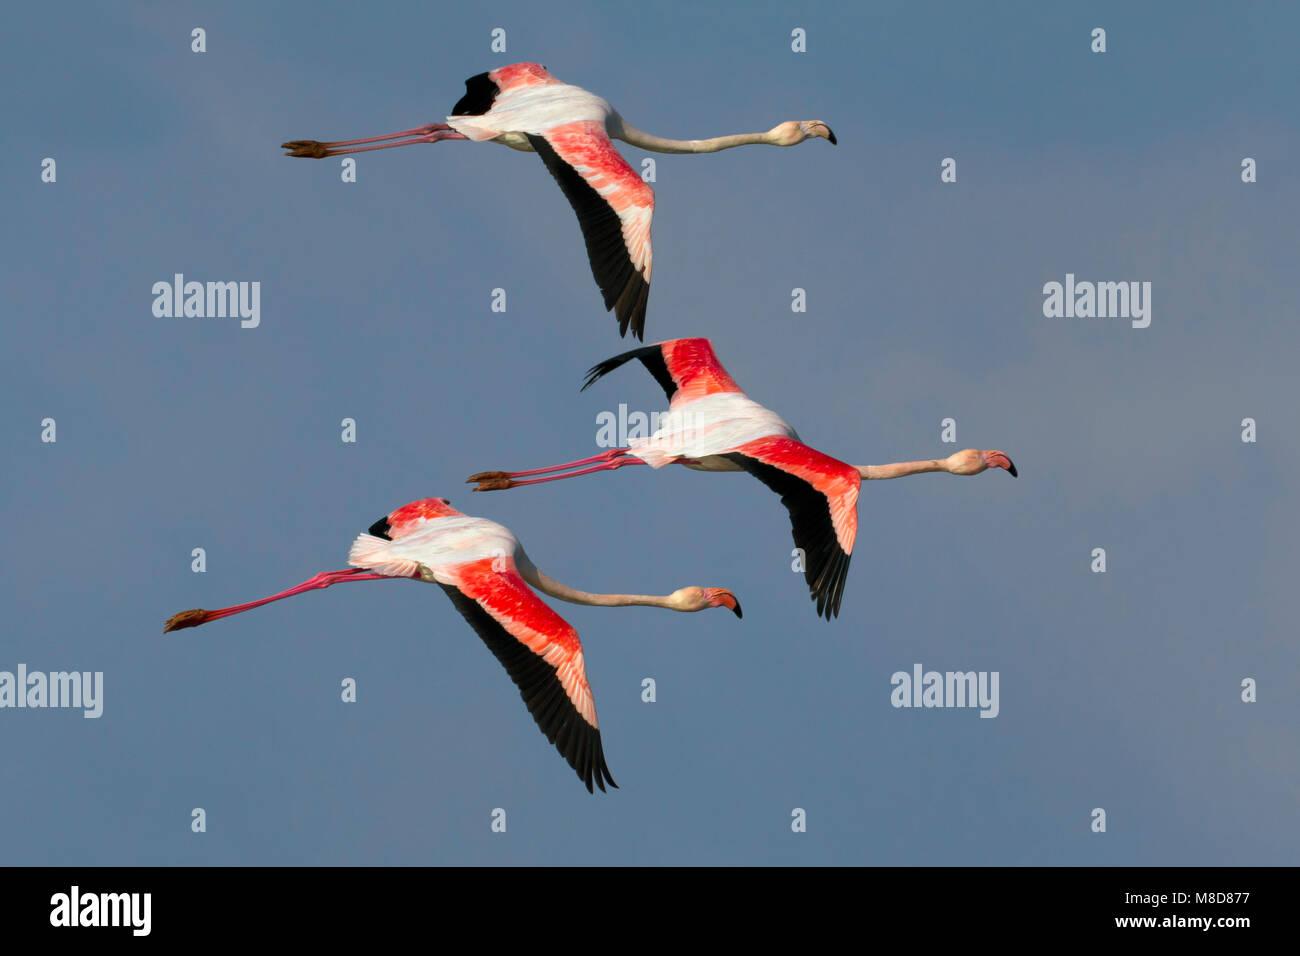 Flamingo in de vlucht; maggiore fenicotteri in volo Immagini Stock